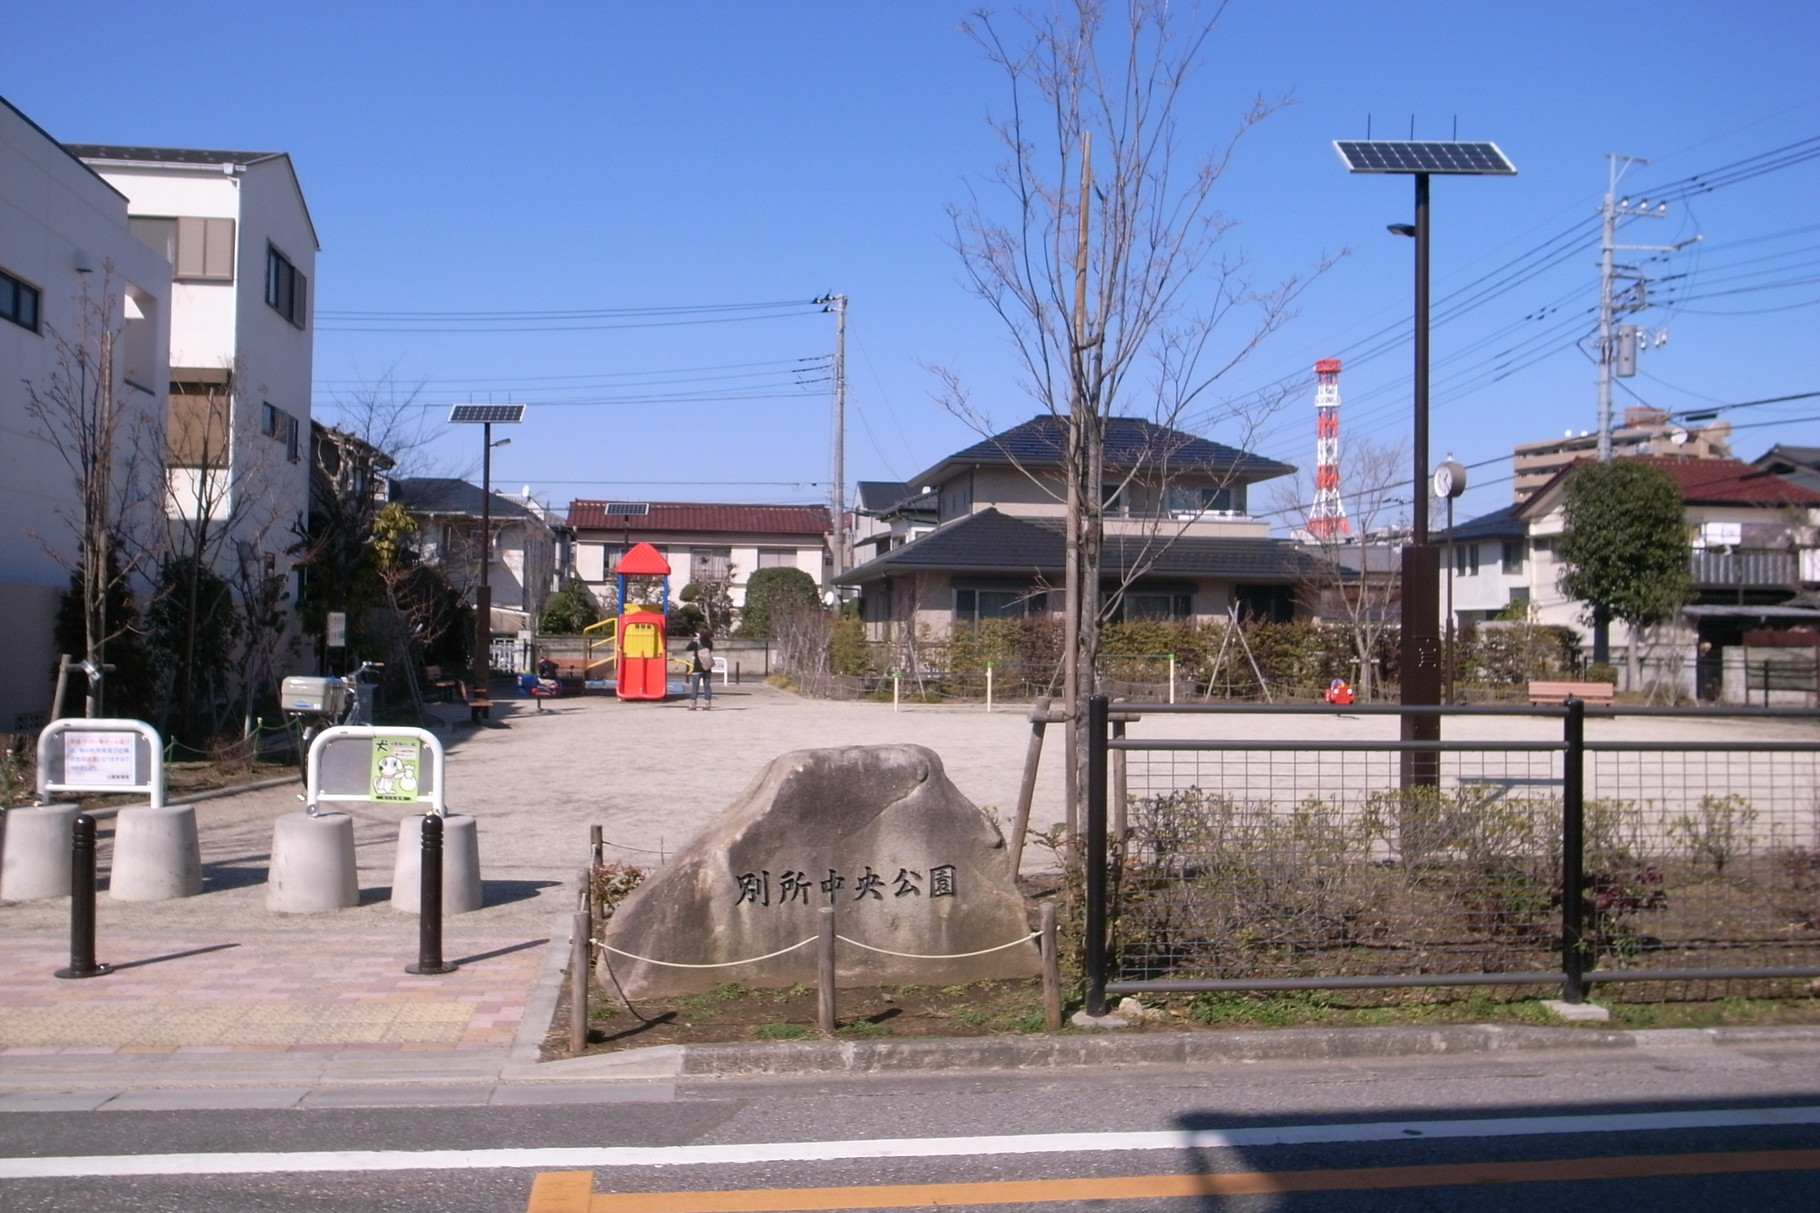 別所中央公園 200m(徒歩3分)